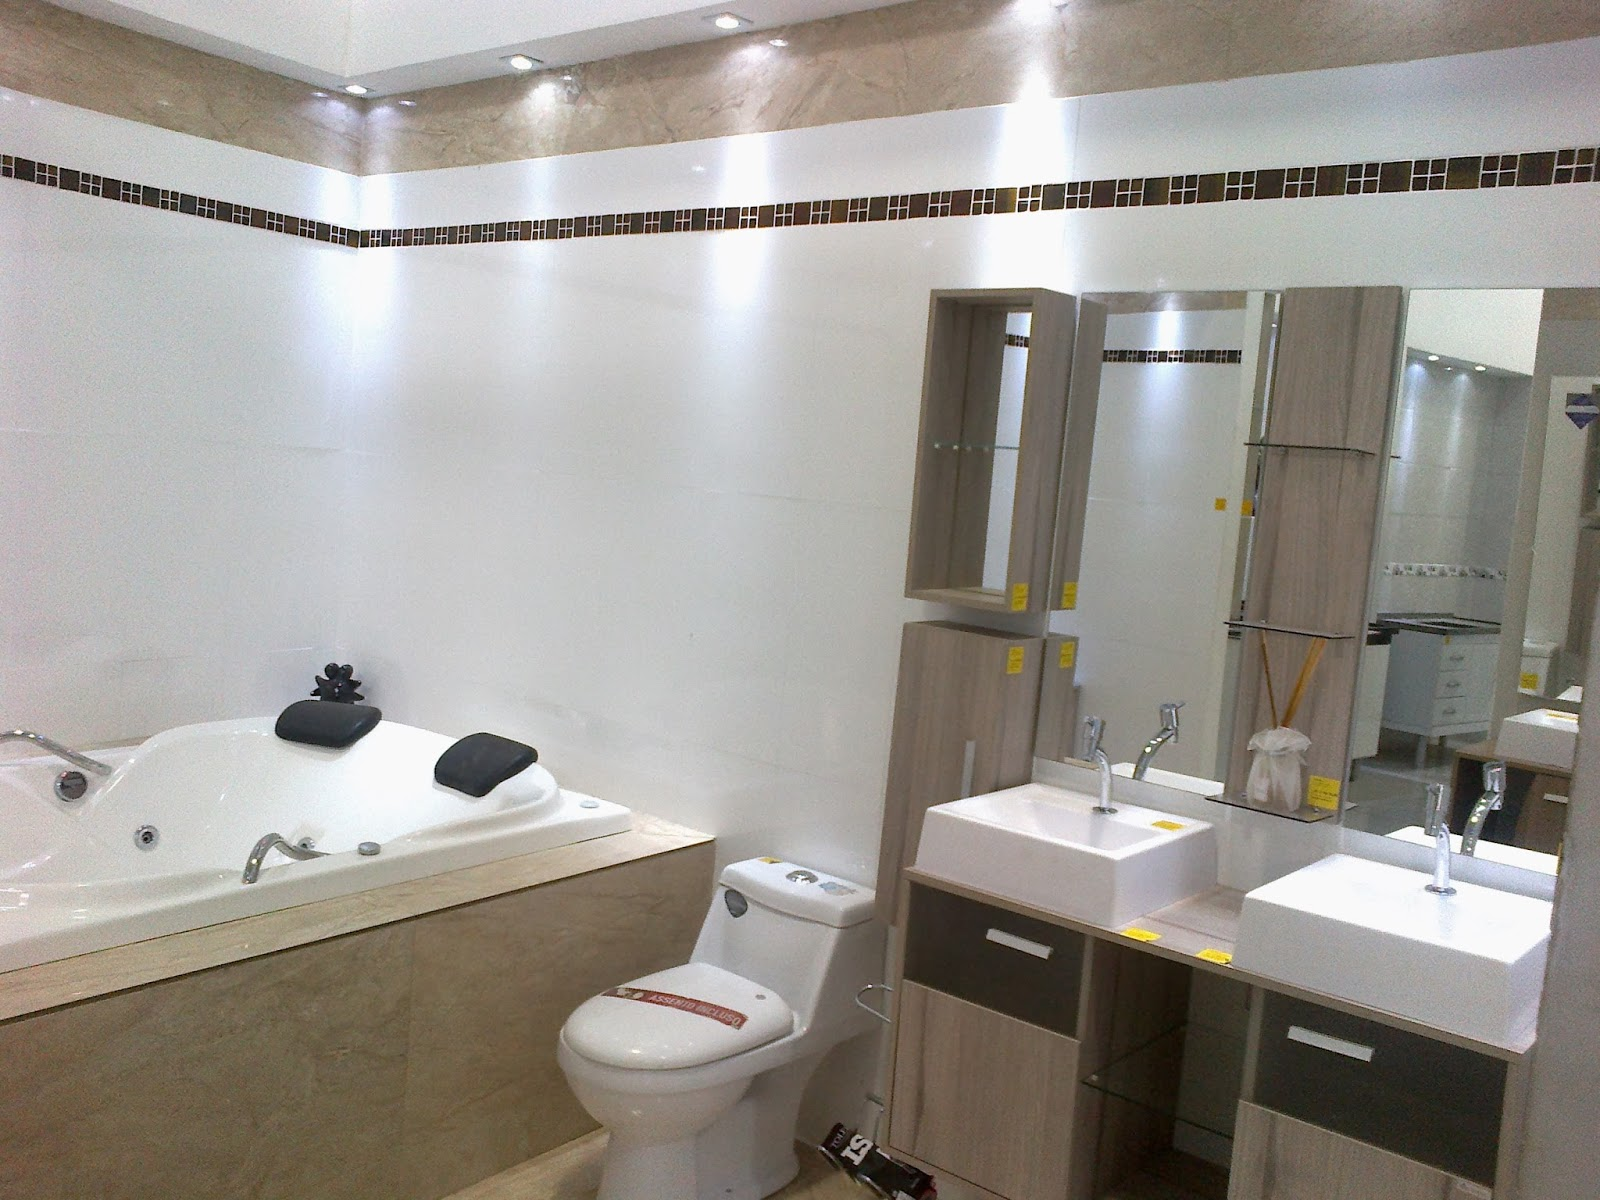 Tá ai o banheiro pronto ou melhor quase pronto rsrsrs #5F5040 1600x1200 Acessorios Banheiro Leroy